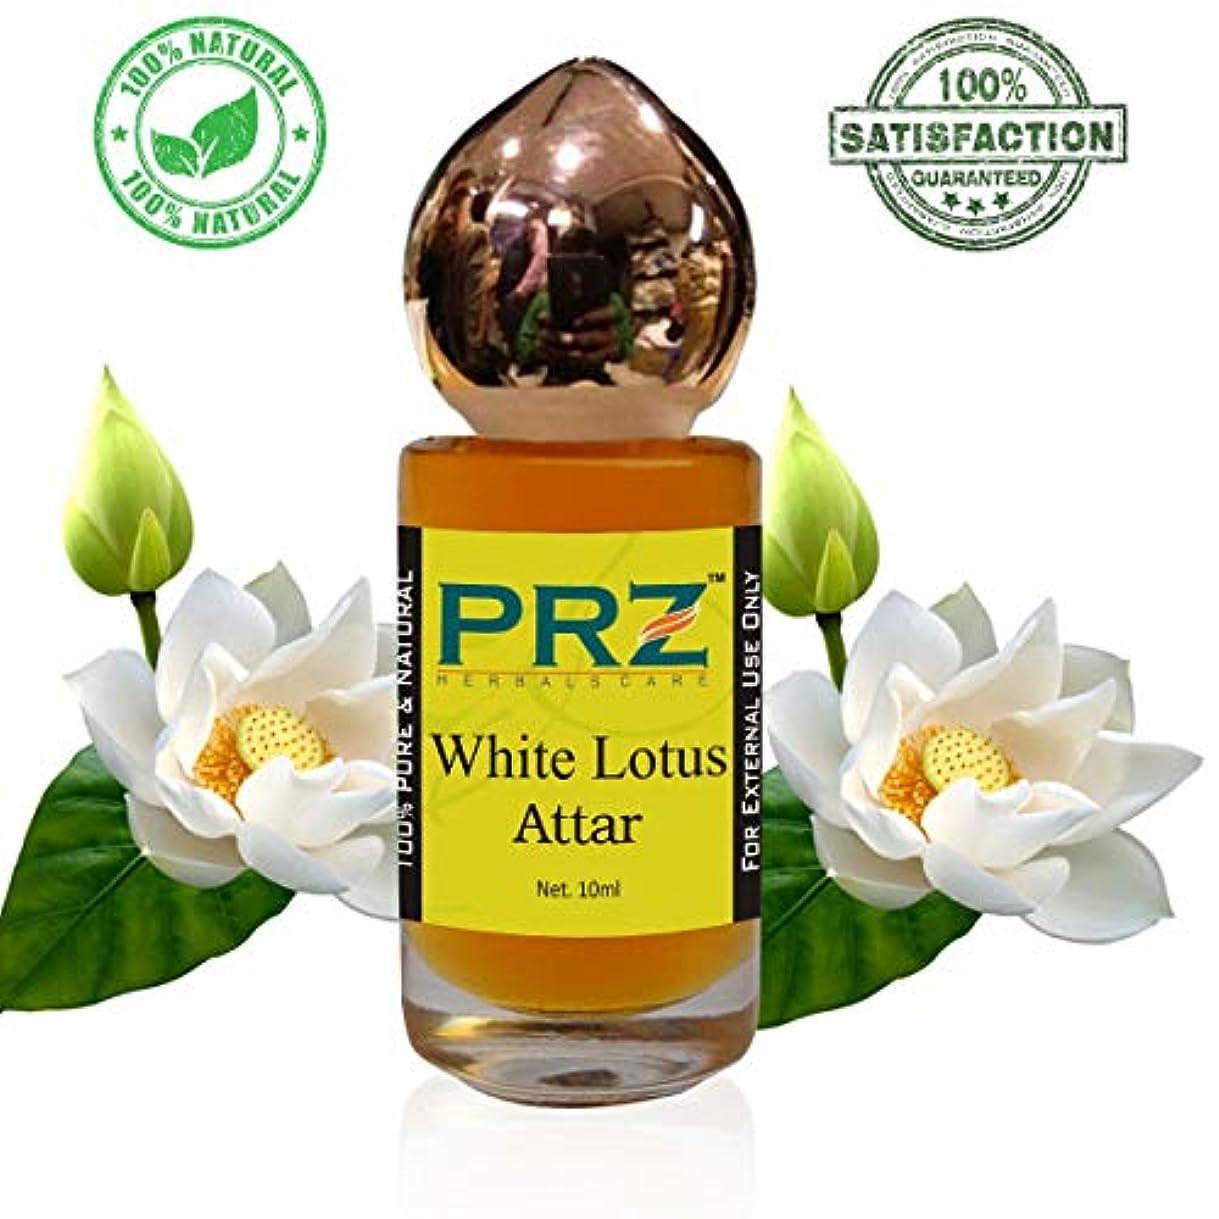 ムスタチオジャンクション必要ないユニセックスのためにホワイトロータスアターロールオン(10 ML) - ピュアナチュラルプレミアム品質の香水(ノンアルコール)|アターITRA最高品質の香水は、長期的なアタースプレー